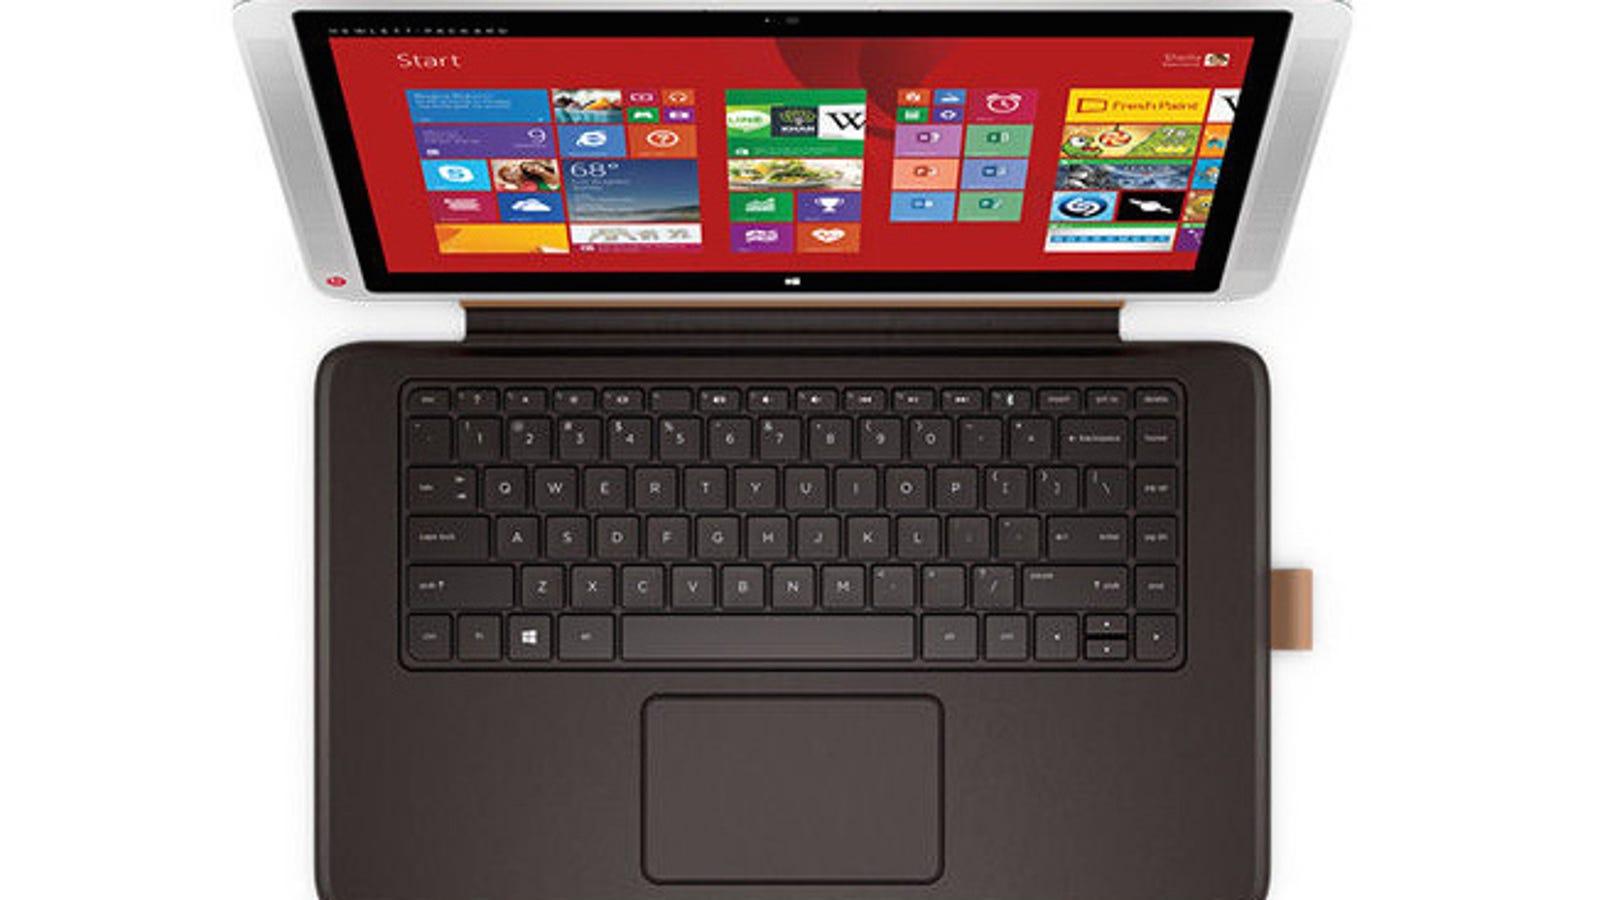 El nuevo portátil de HP es casi una réplica del Surface Pro 3